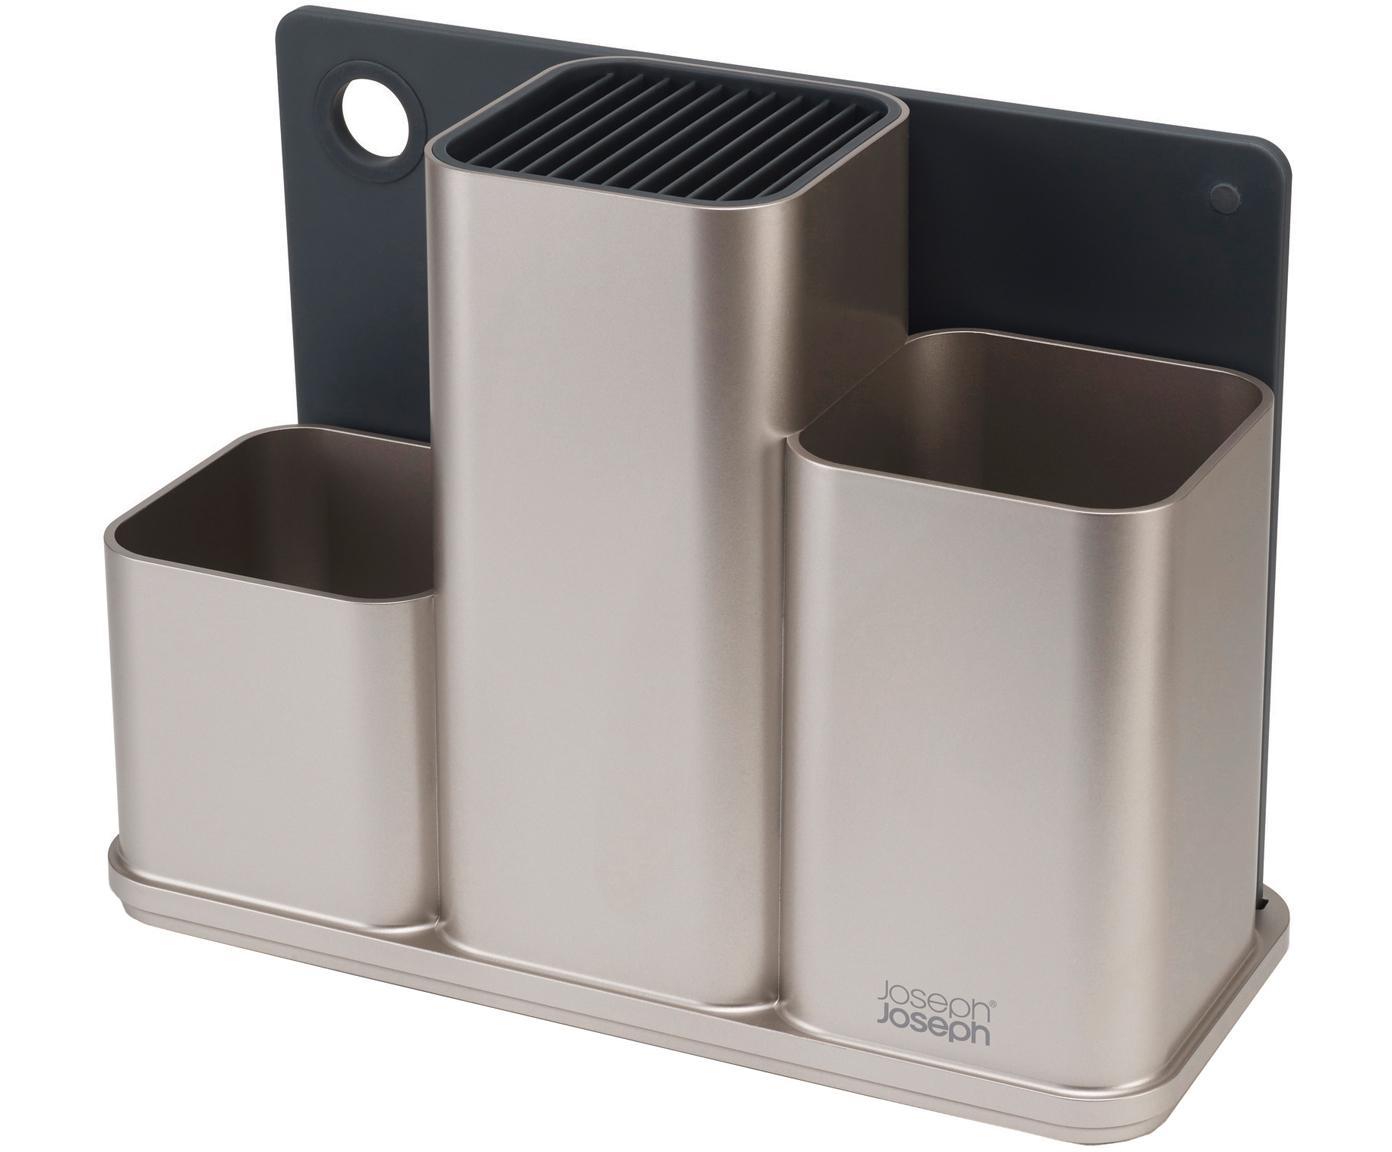 Küchenutensilienhalter CounterStore mit Schneidebrett, 2-er Set, Silberfarben, Dunkelgrau, 31 x 23 cm